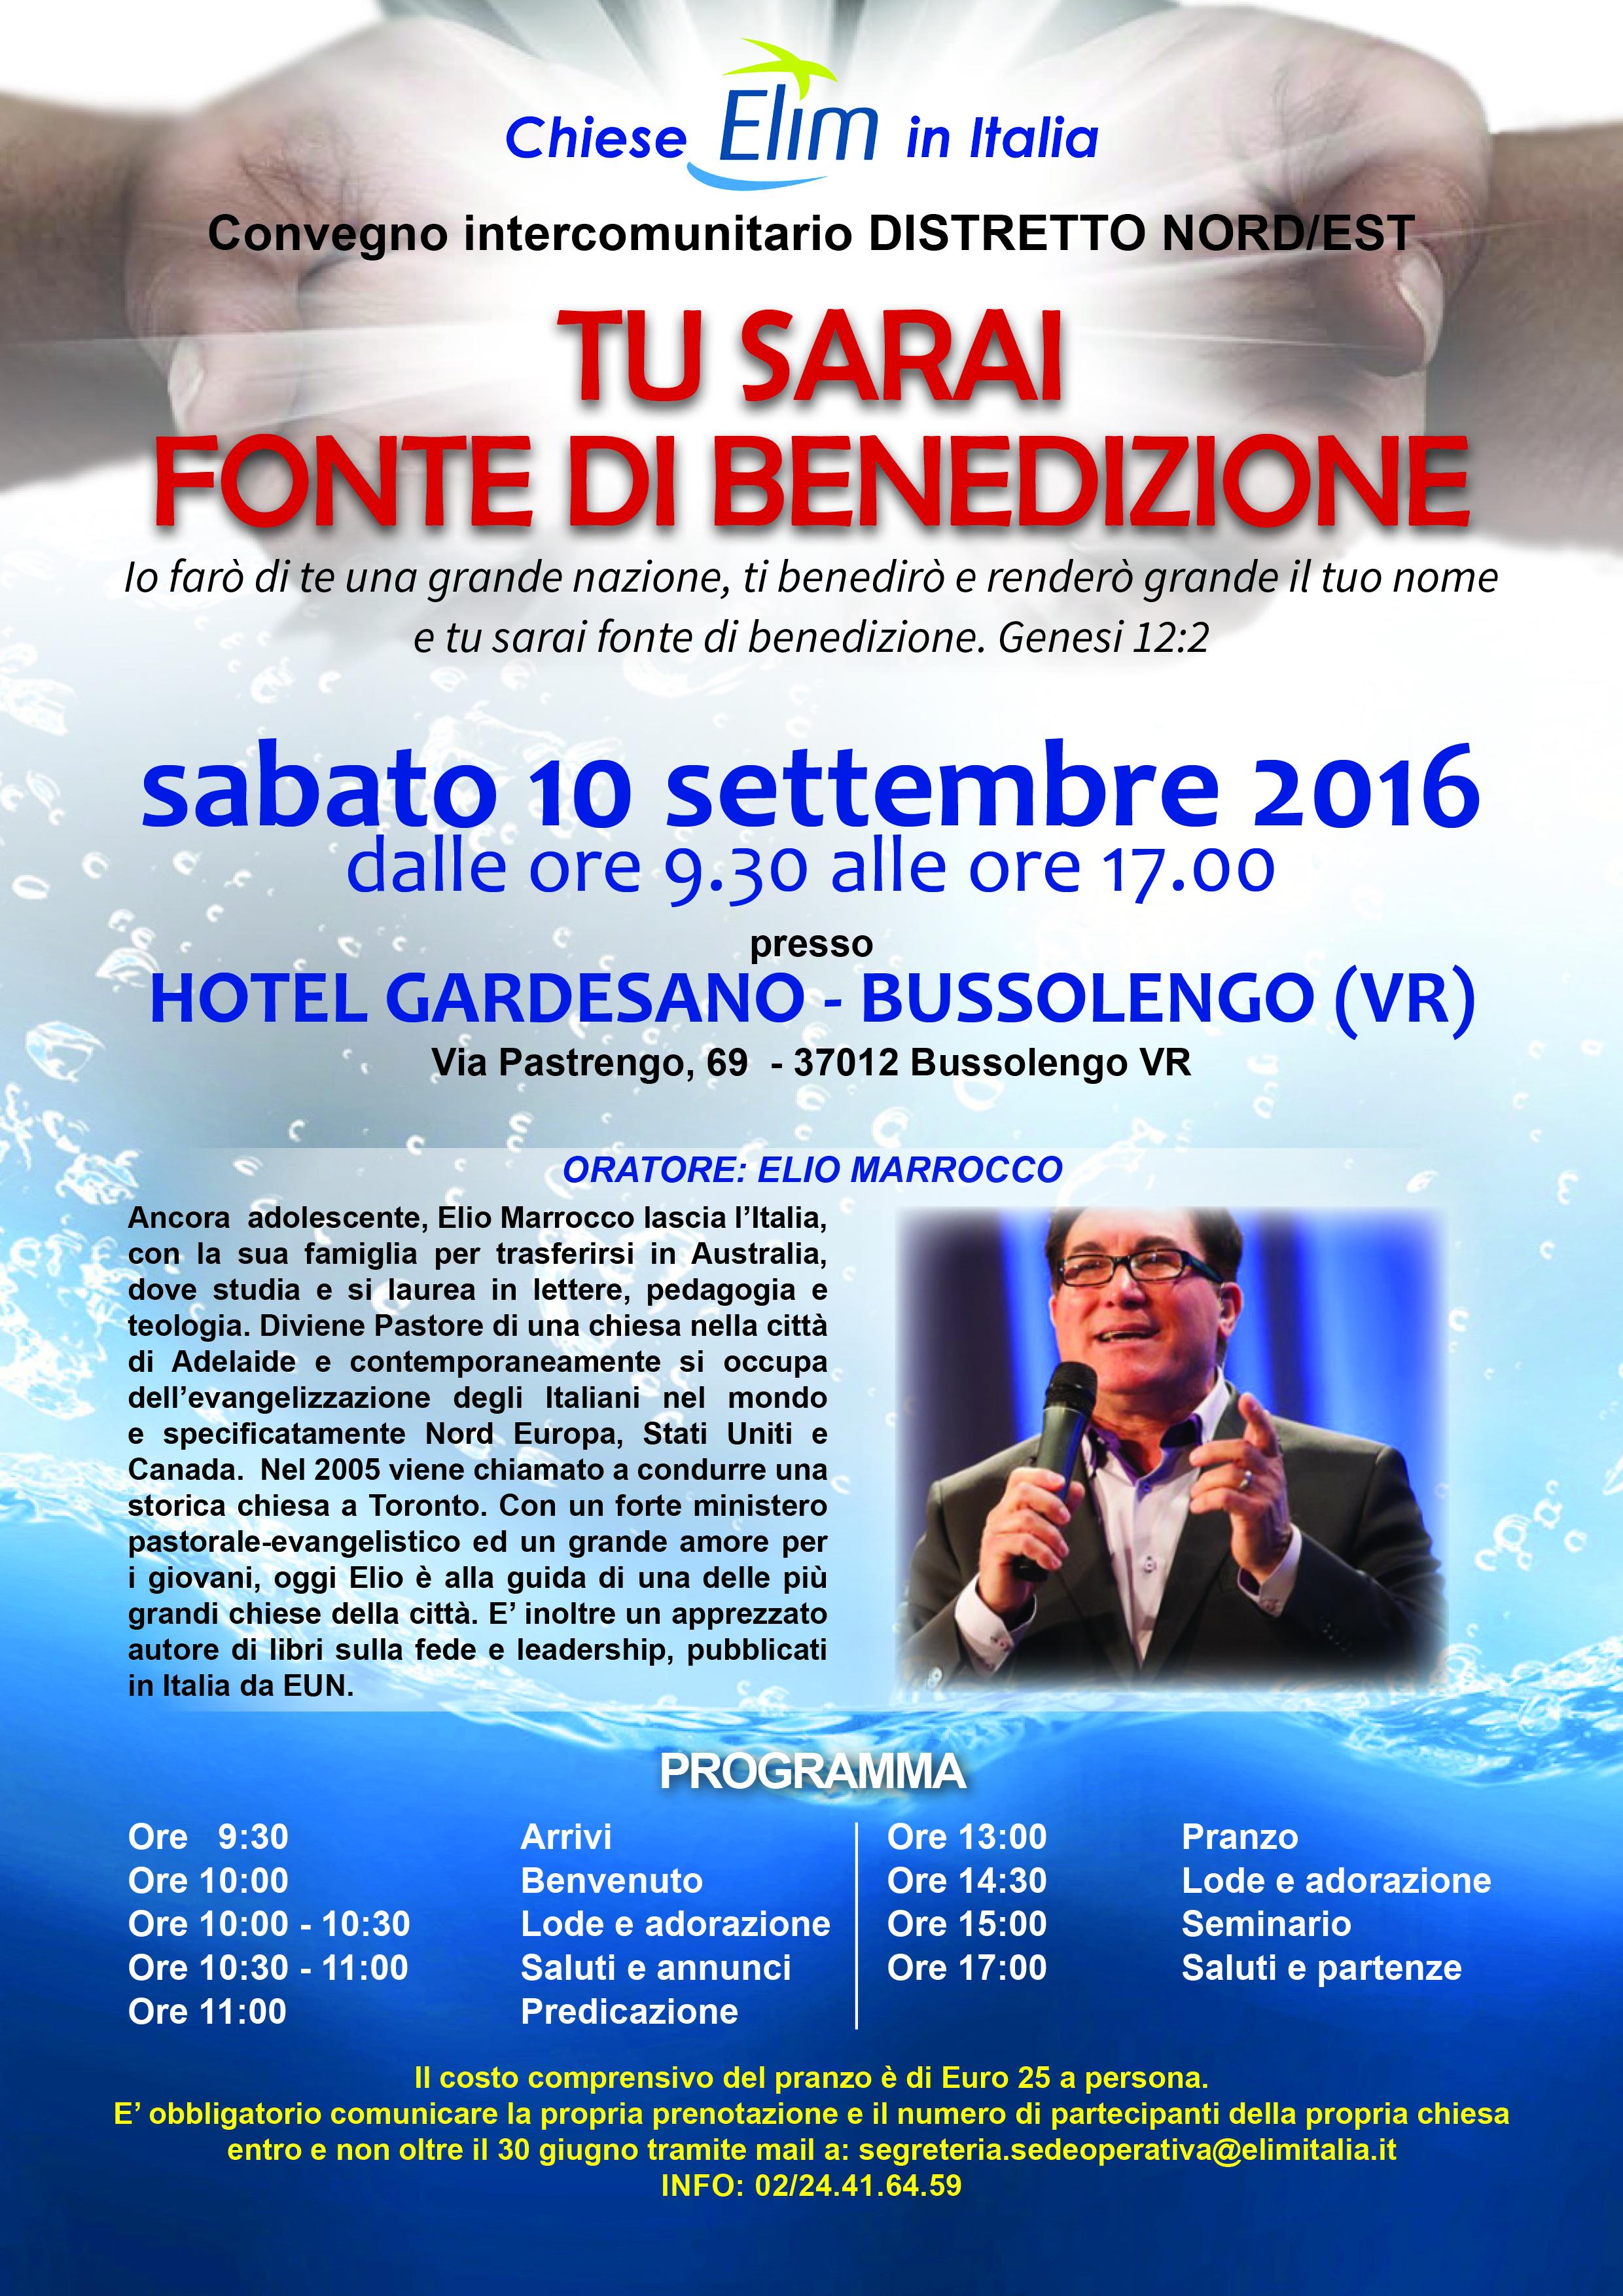 Convegno Intercomunitario del Distretto Nord-Est – 10 settembre 2016, Bussolengo (VR)